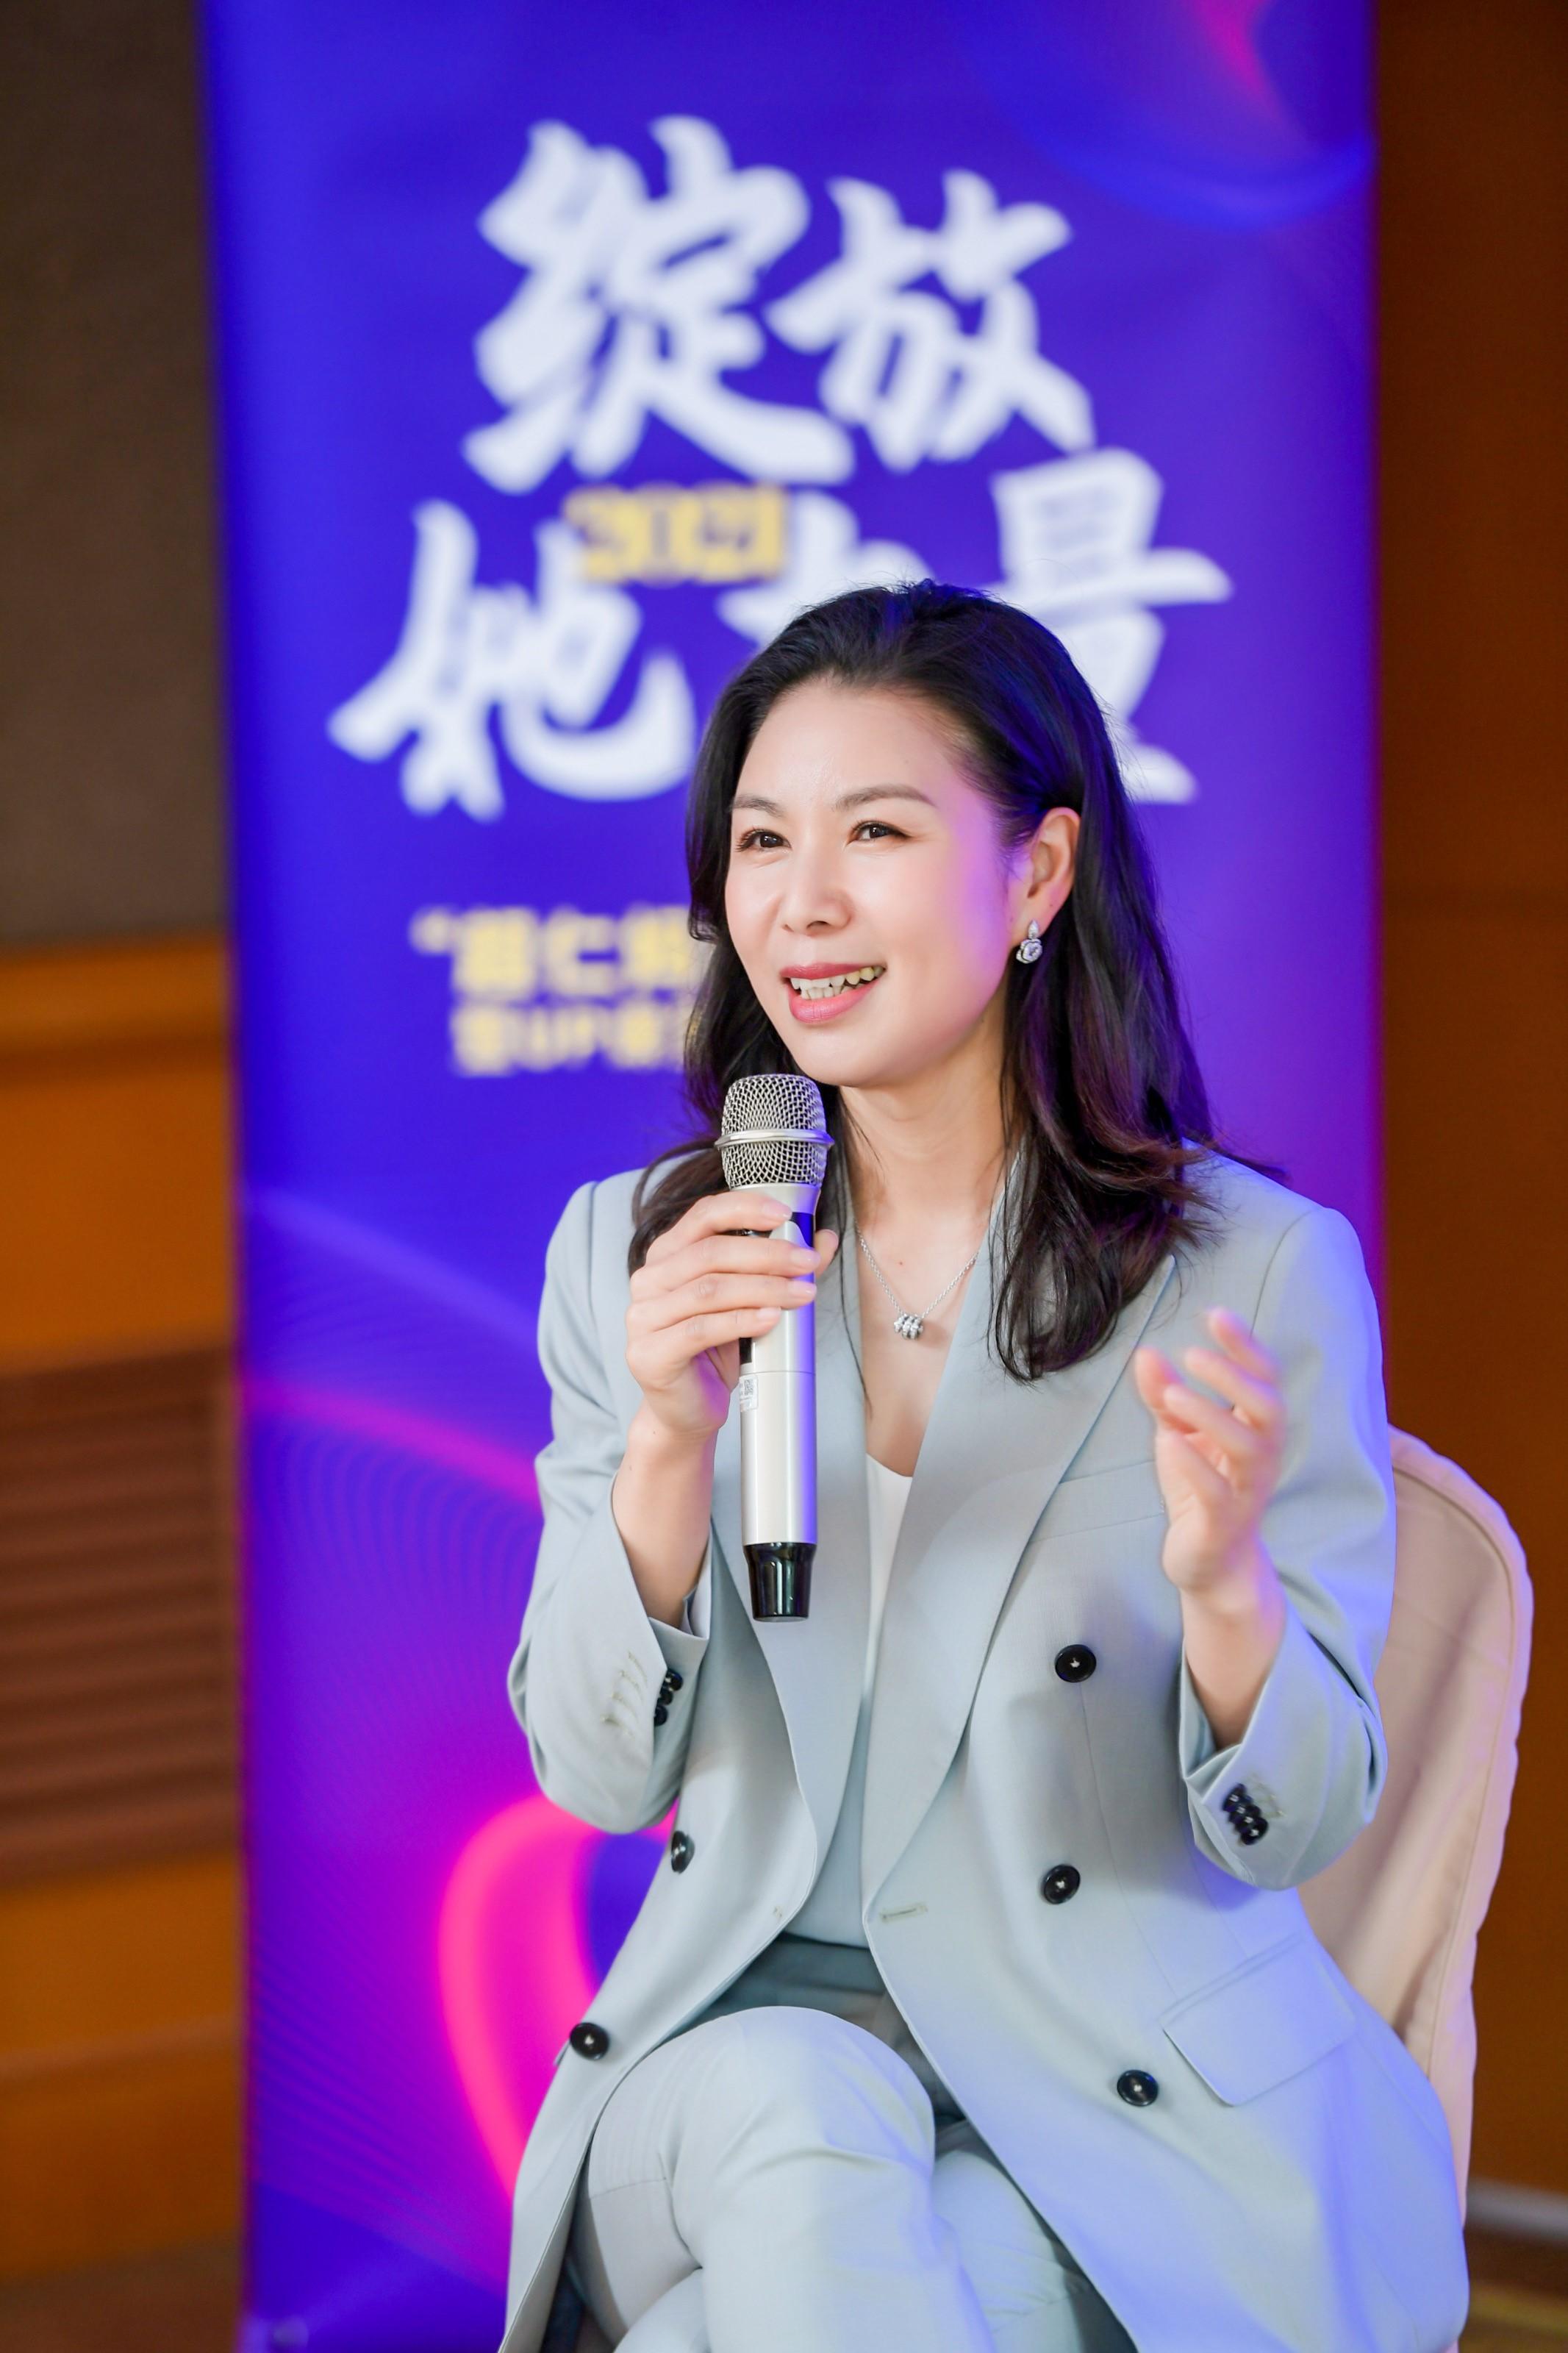 助力女性创变者 邓亚萍、池小燕对谈女性公益力量